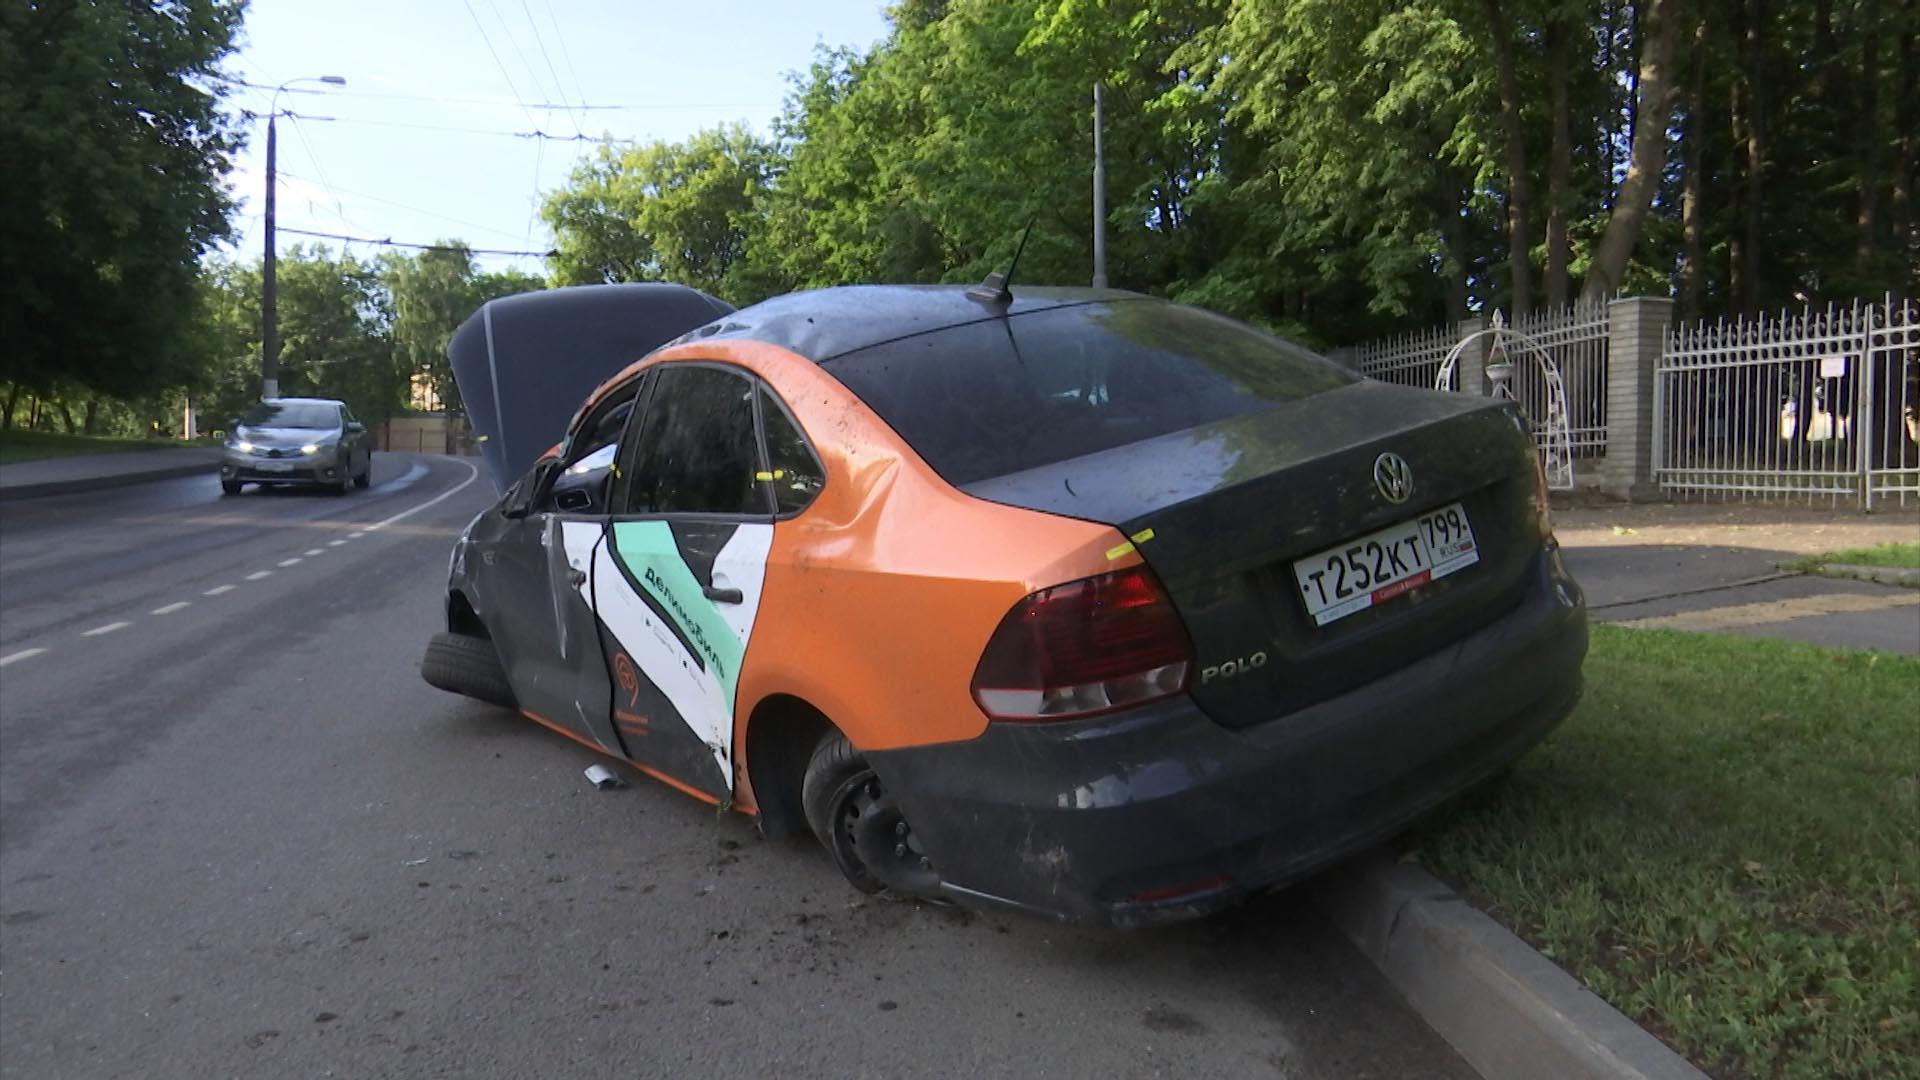 Количество аварий с участием каршеринга в Москве выросло в 2,5 раза